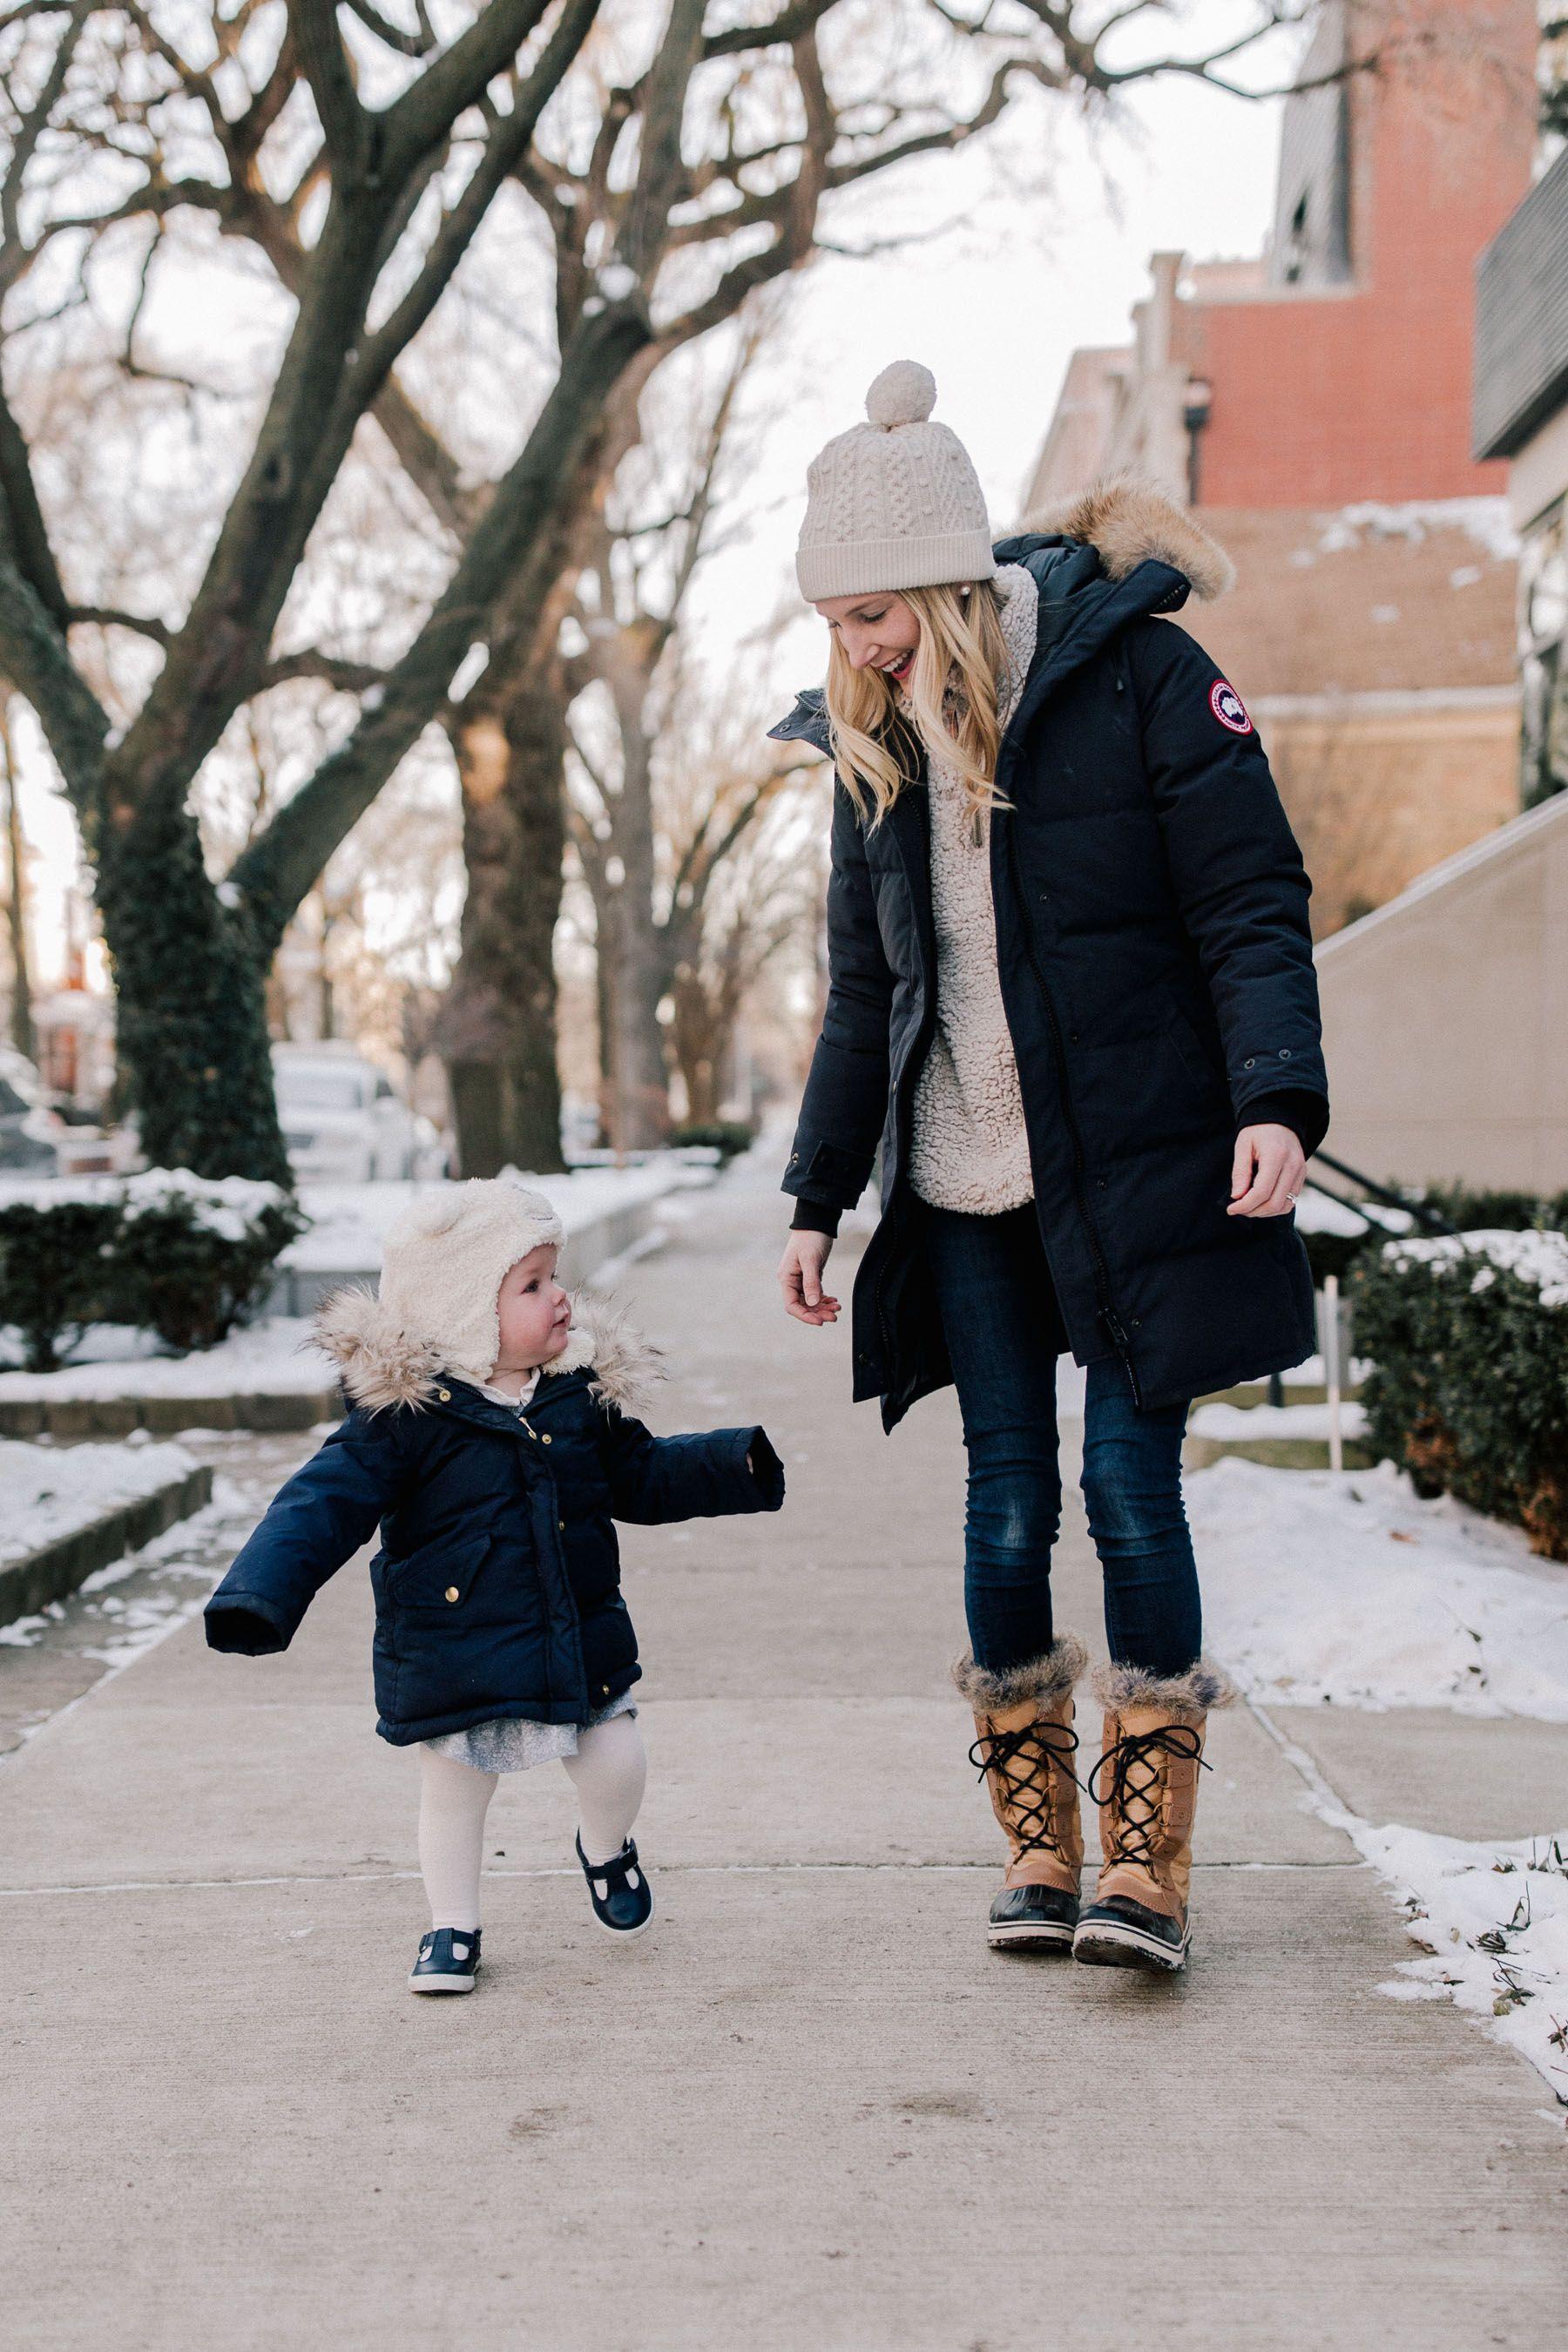 Mala de viagem de inverno: no Canadá, que roupas e